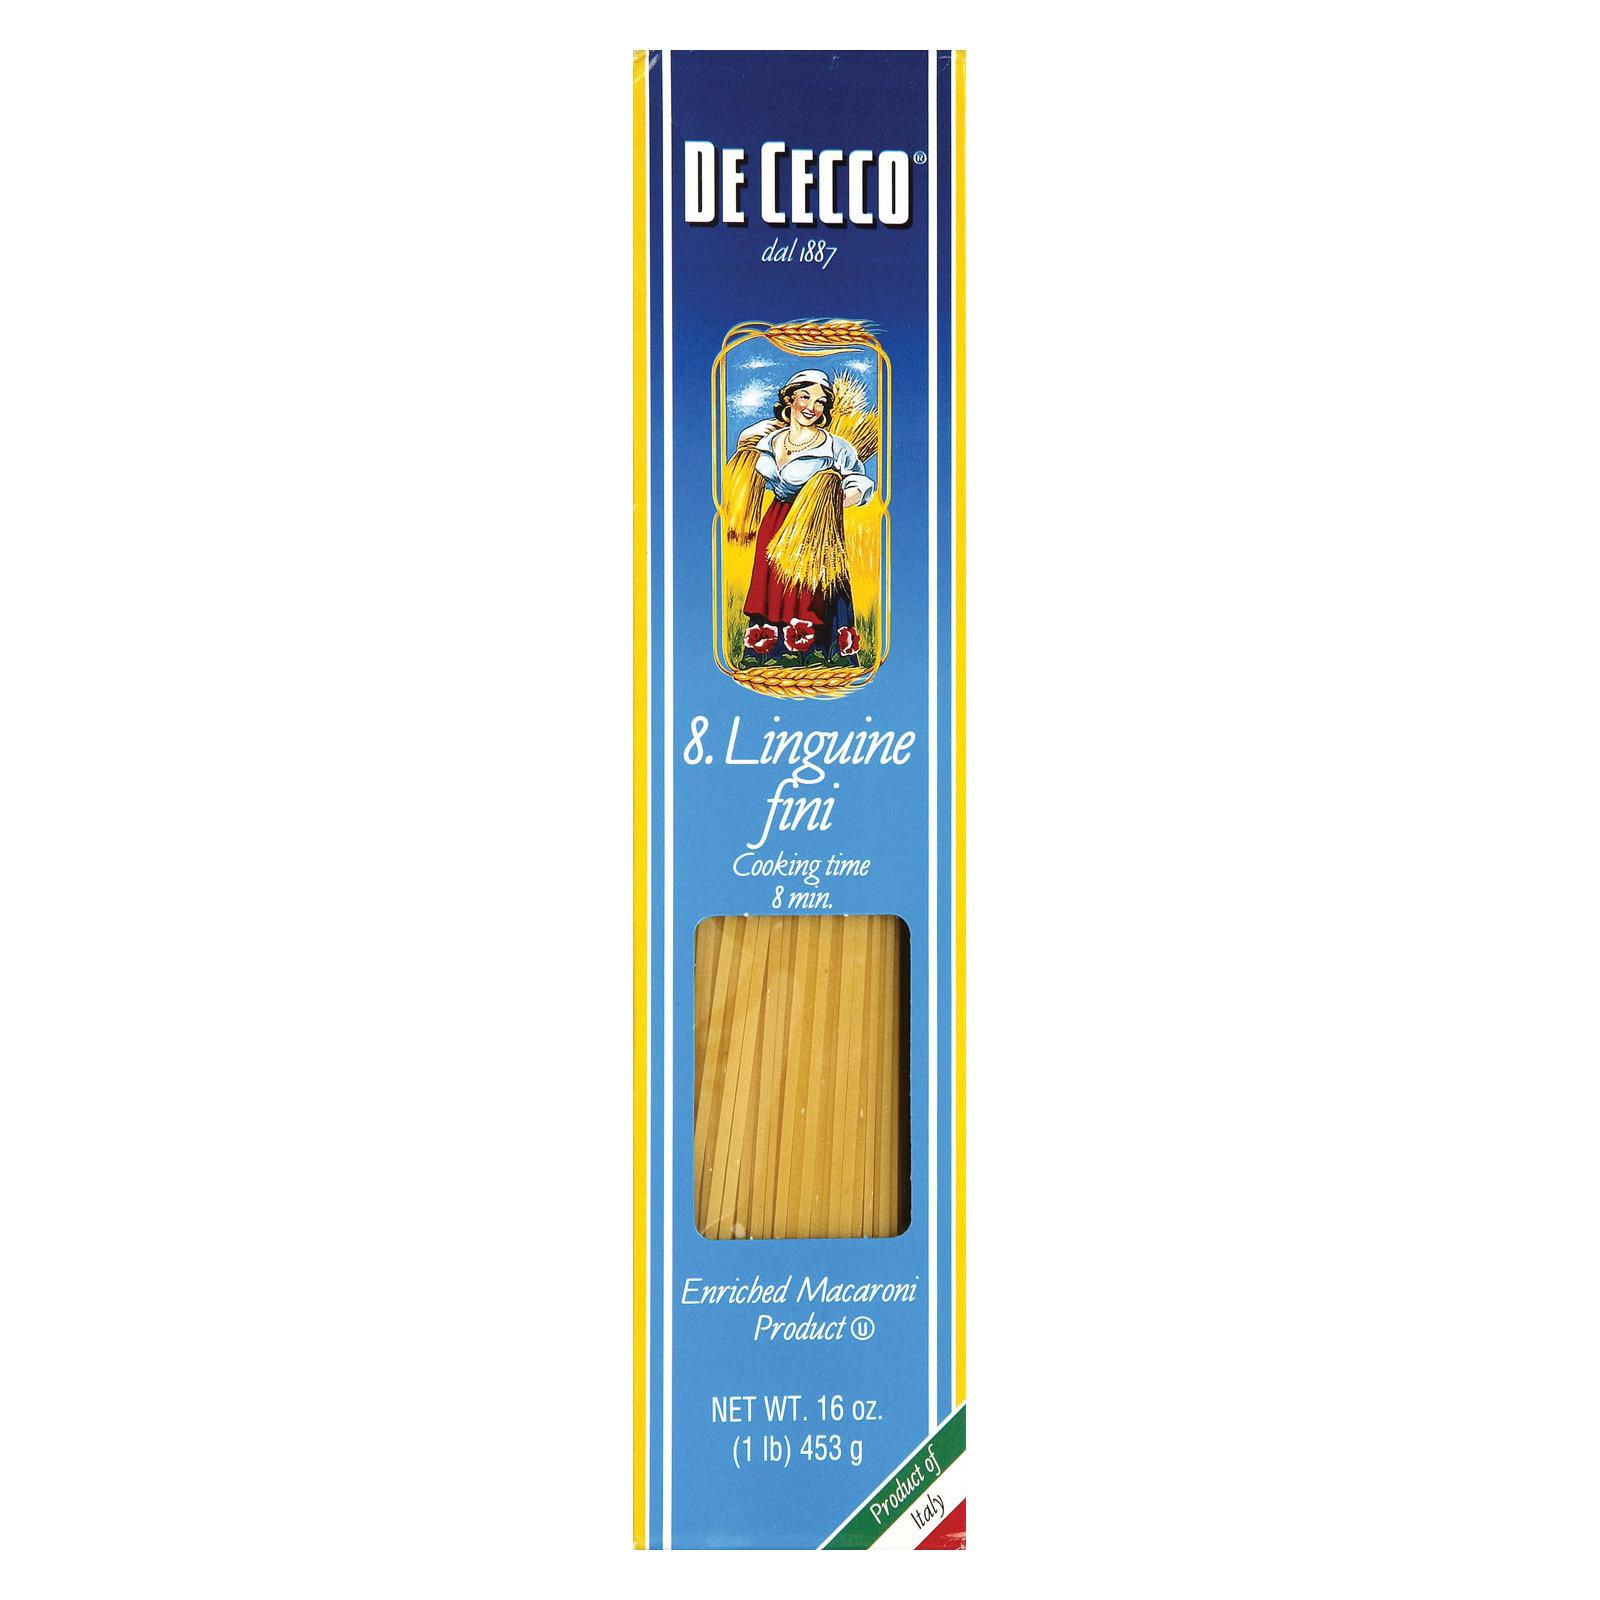 De Cecco Pasta Linguine Fini Pasta - Case of 20 - 16 oz.